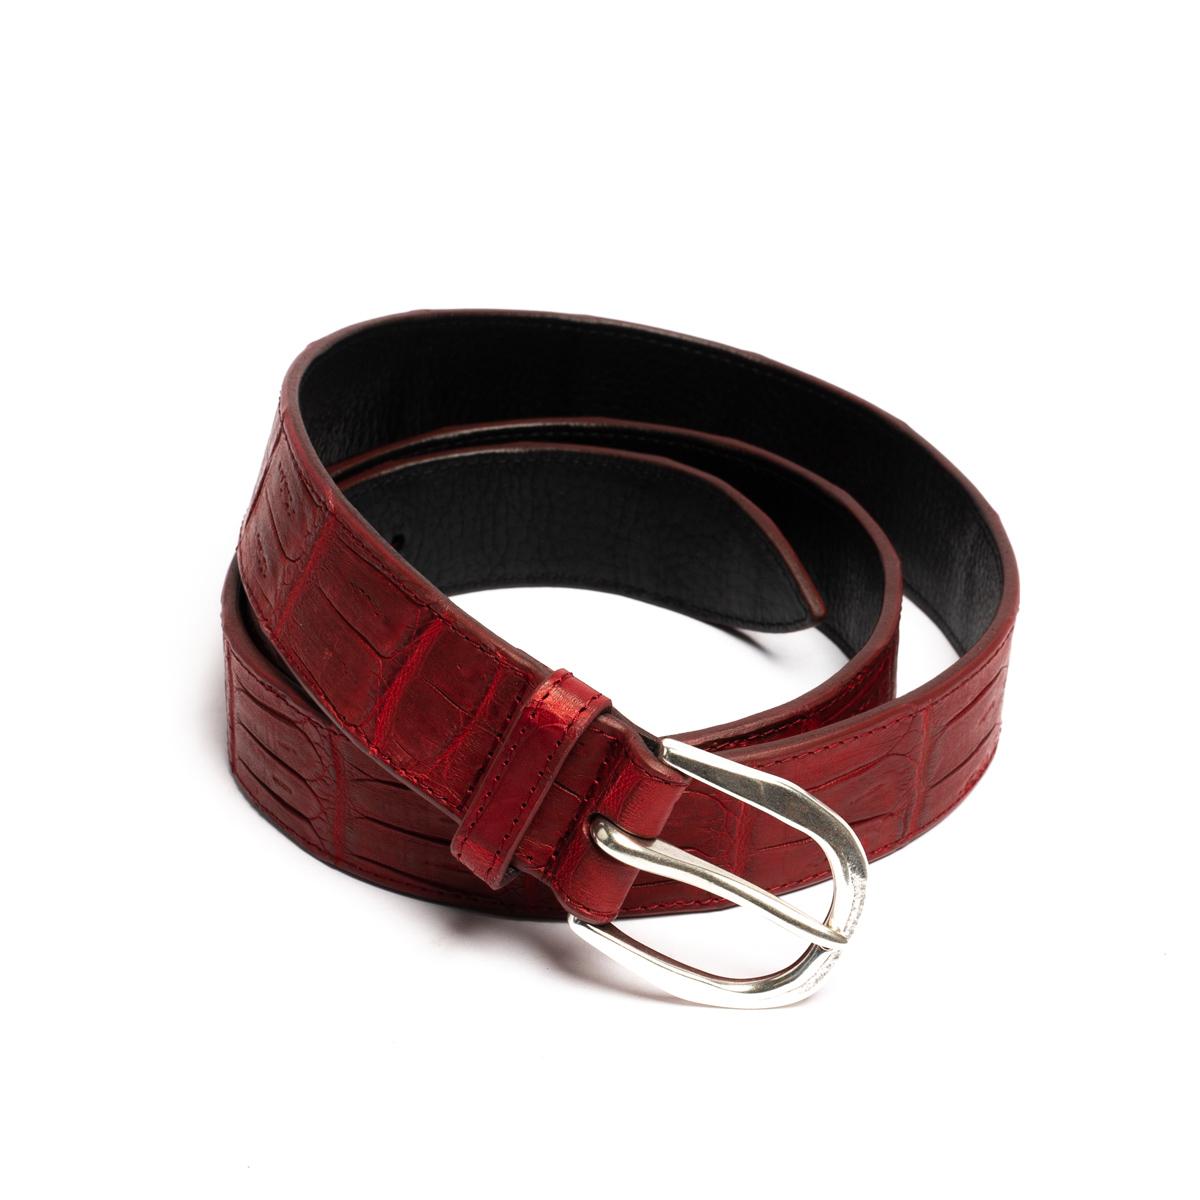 Cintura Orciani Cocco Coda Color Rosso